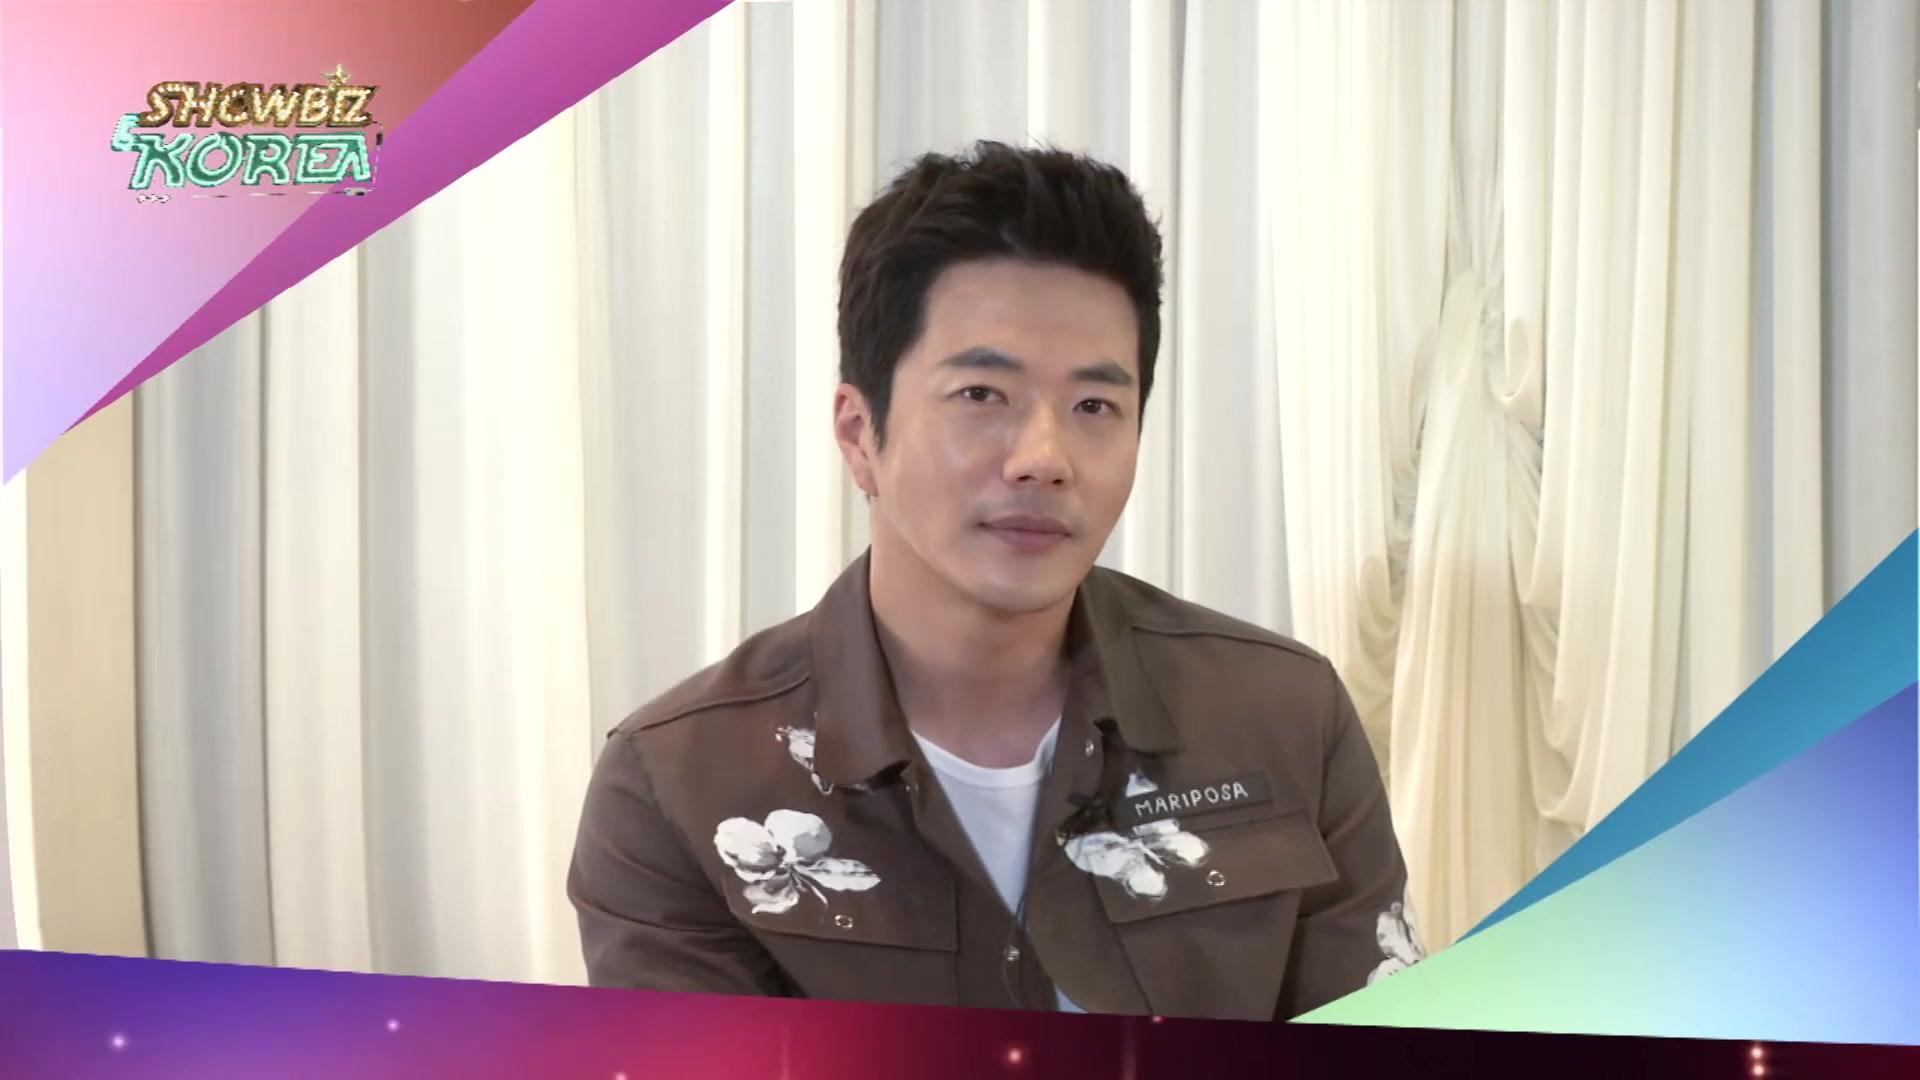 Showbiz Korea Episode 1599